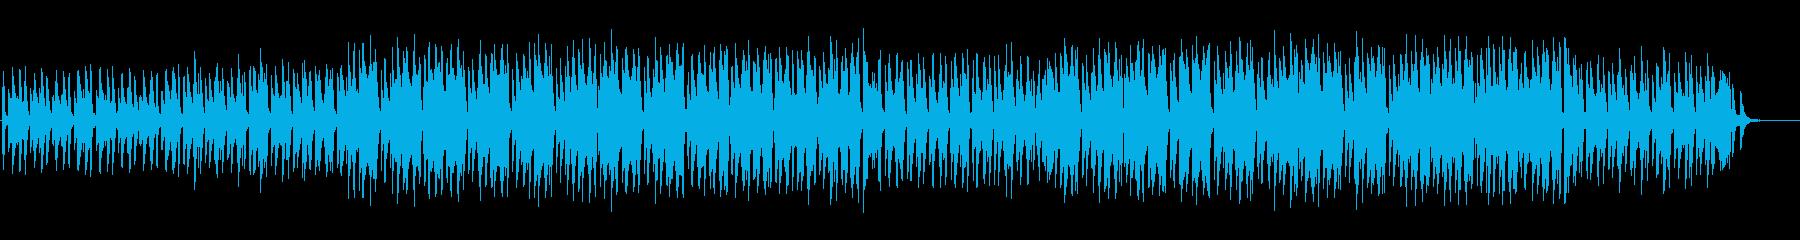 可愛くてゆるいコミカルなBGMの再生済みの波形